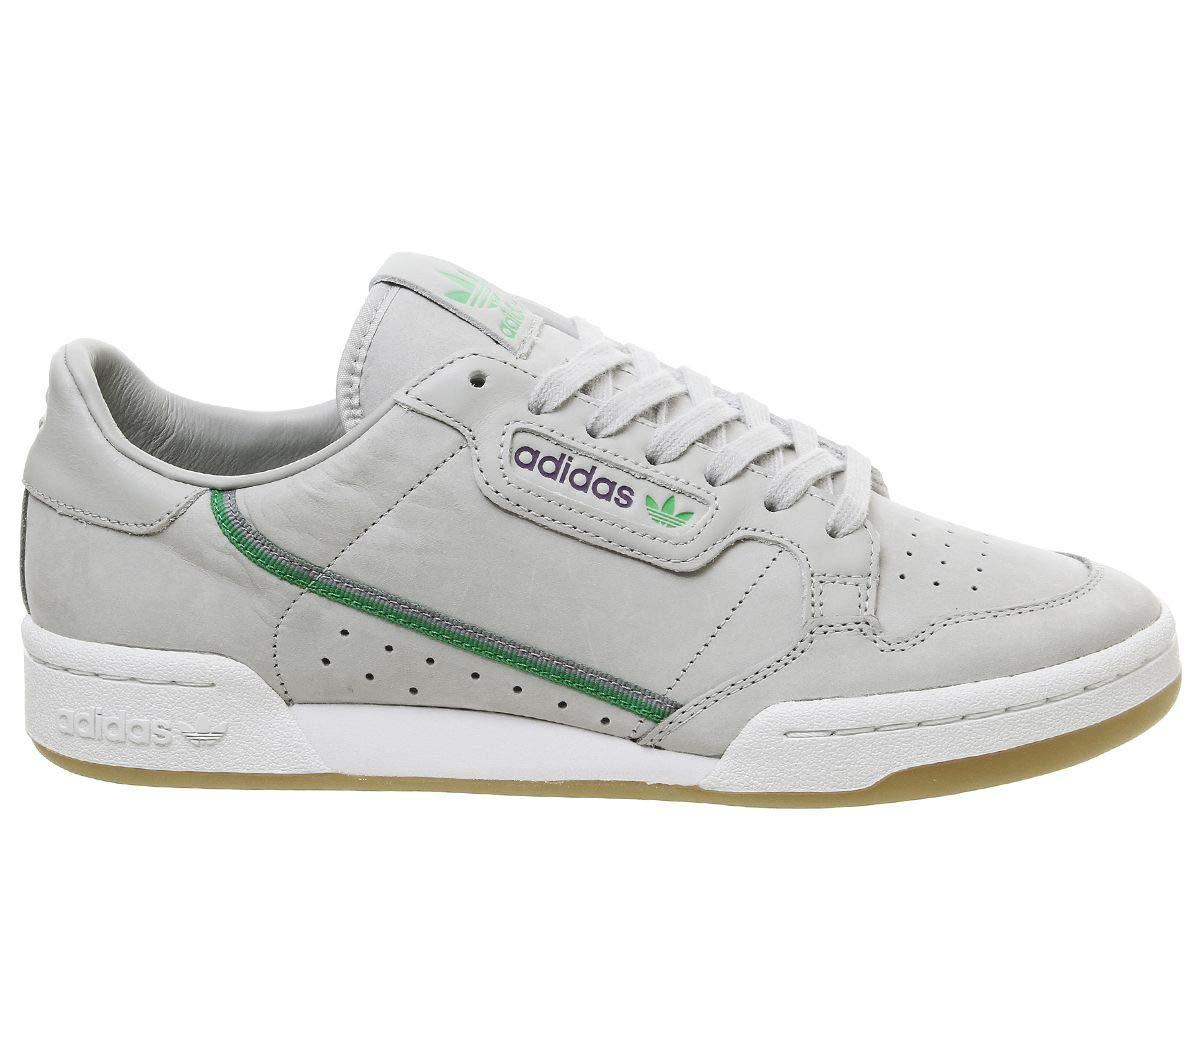 Adidas Originals X Tfl Continental 80 Hombre Zapatillas Gris: Amazon.es: Deportes y aire libre